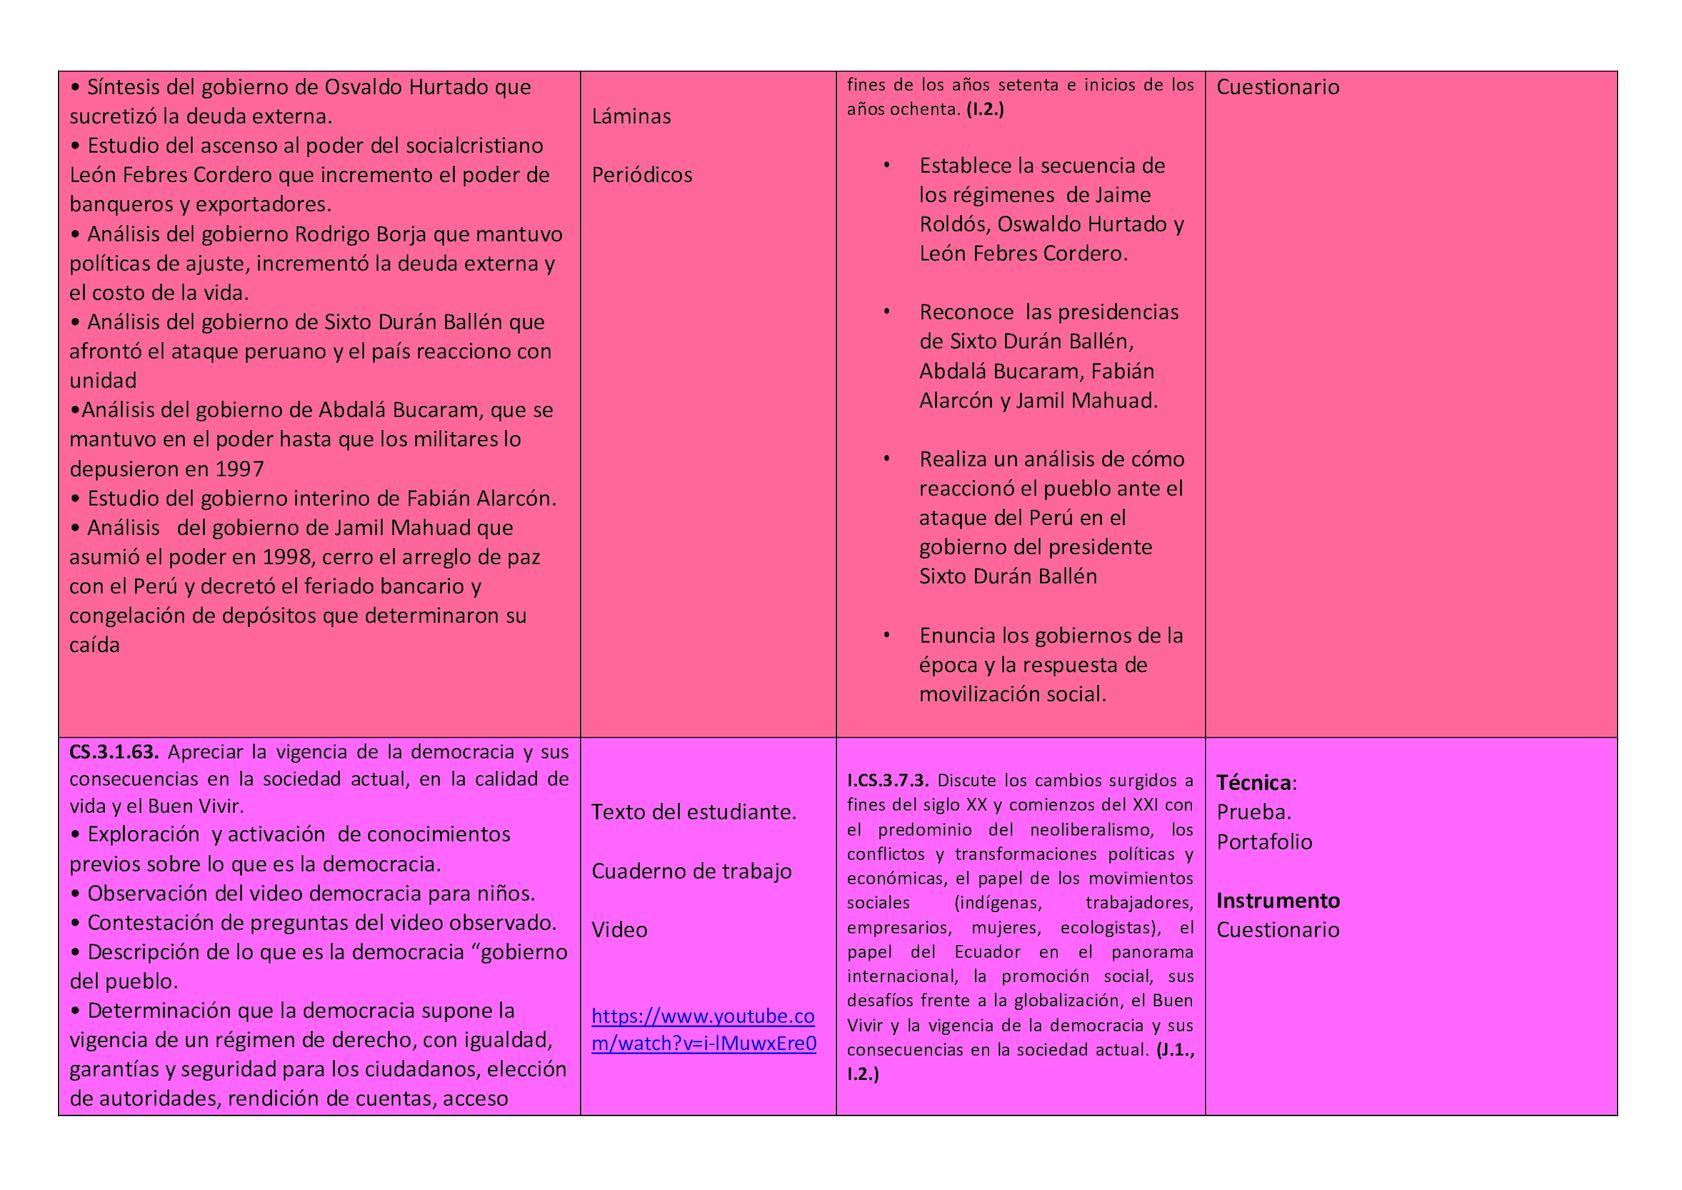 Pud Septimo Año Estudios Sociales - CALAMEO Downloader